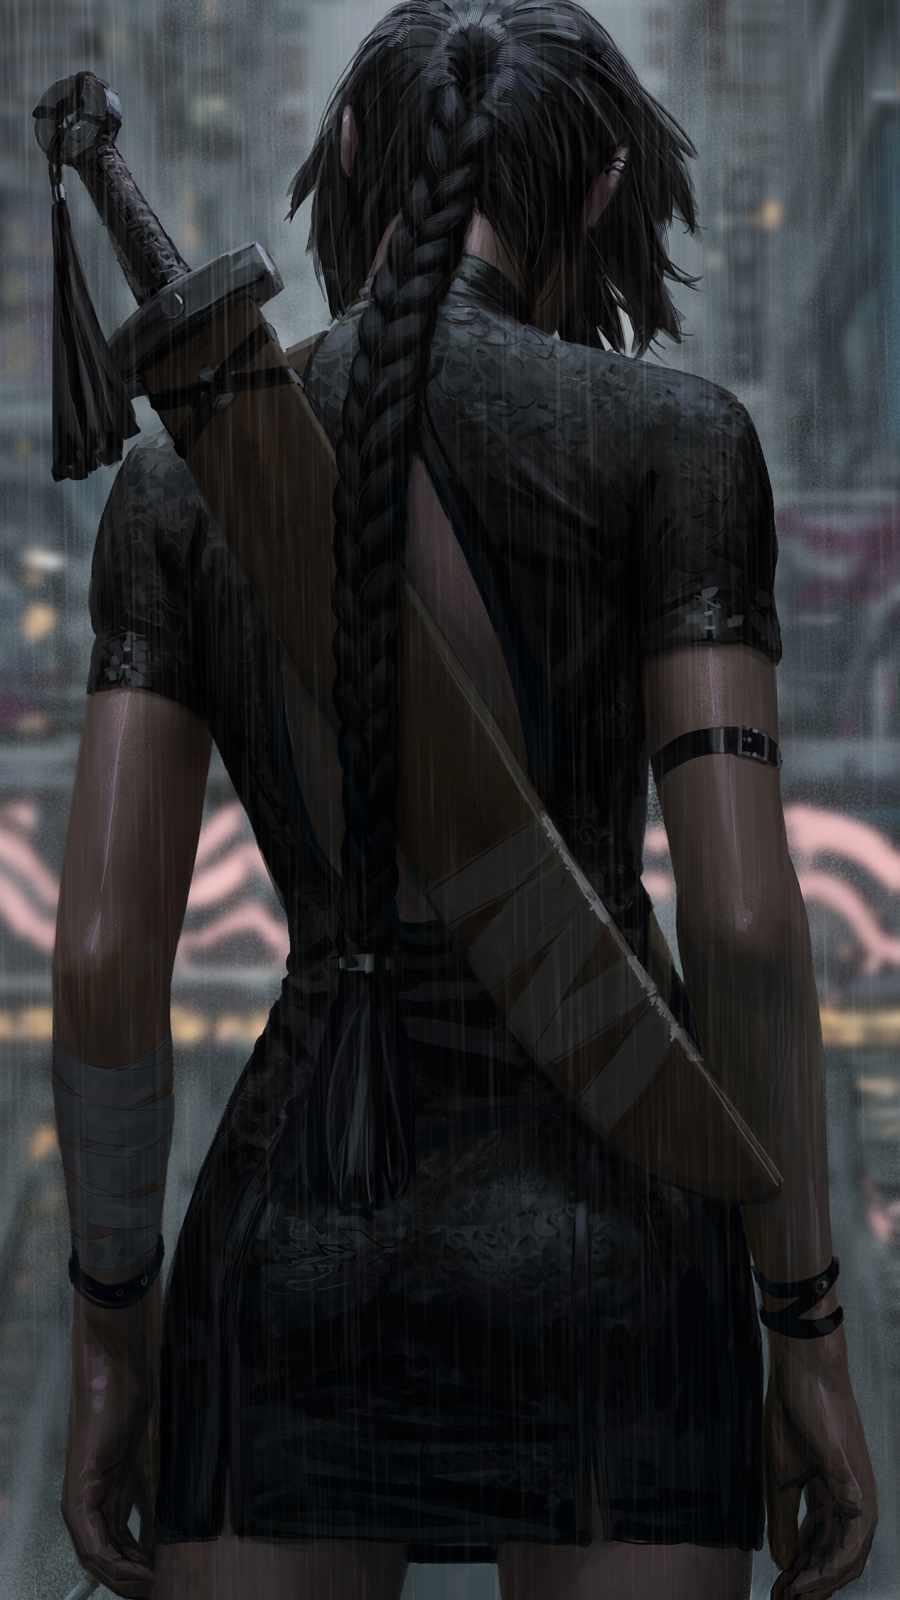 Warrior Girl iPhone Wallpaper